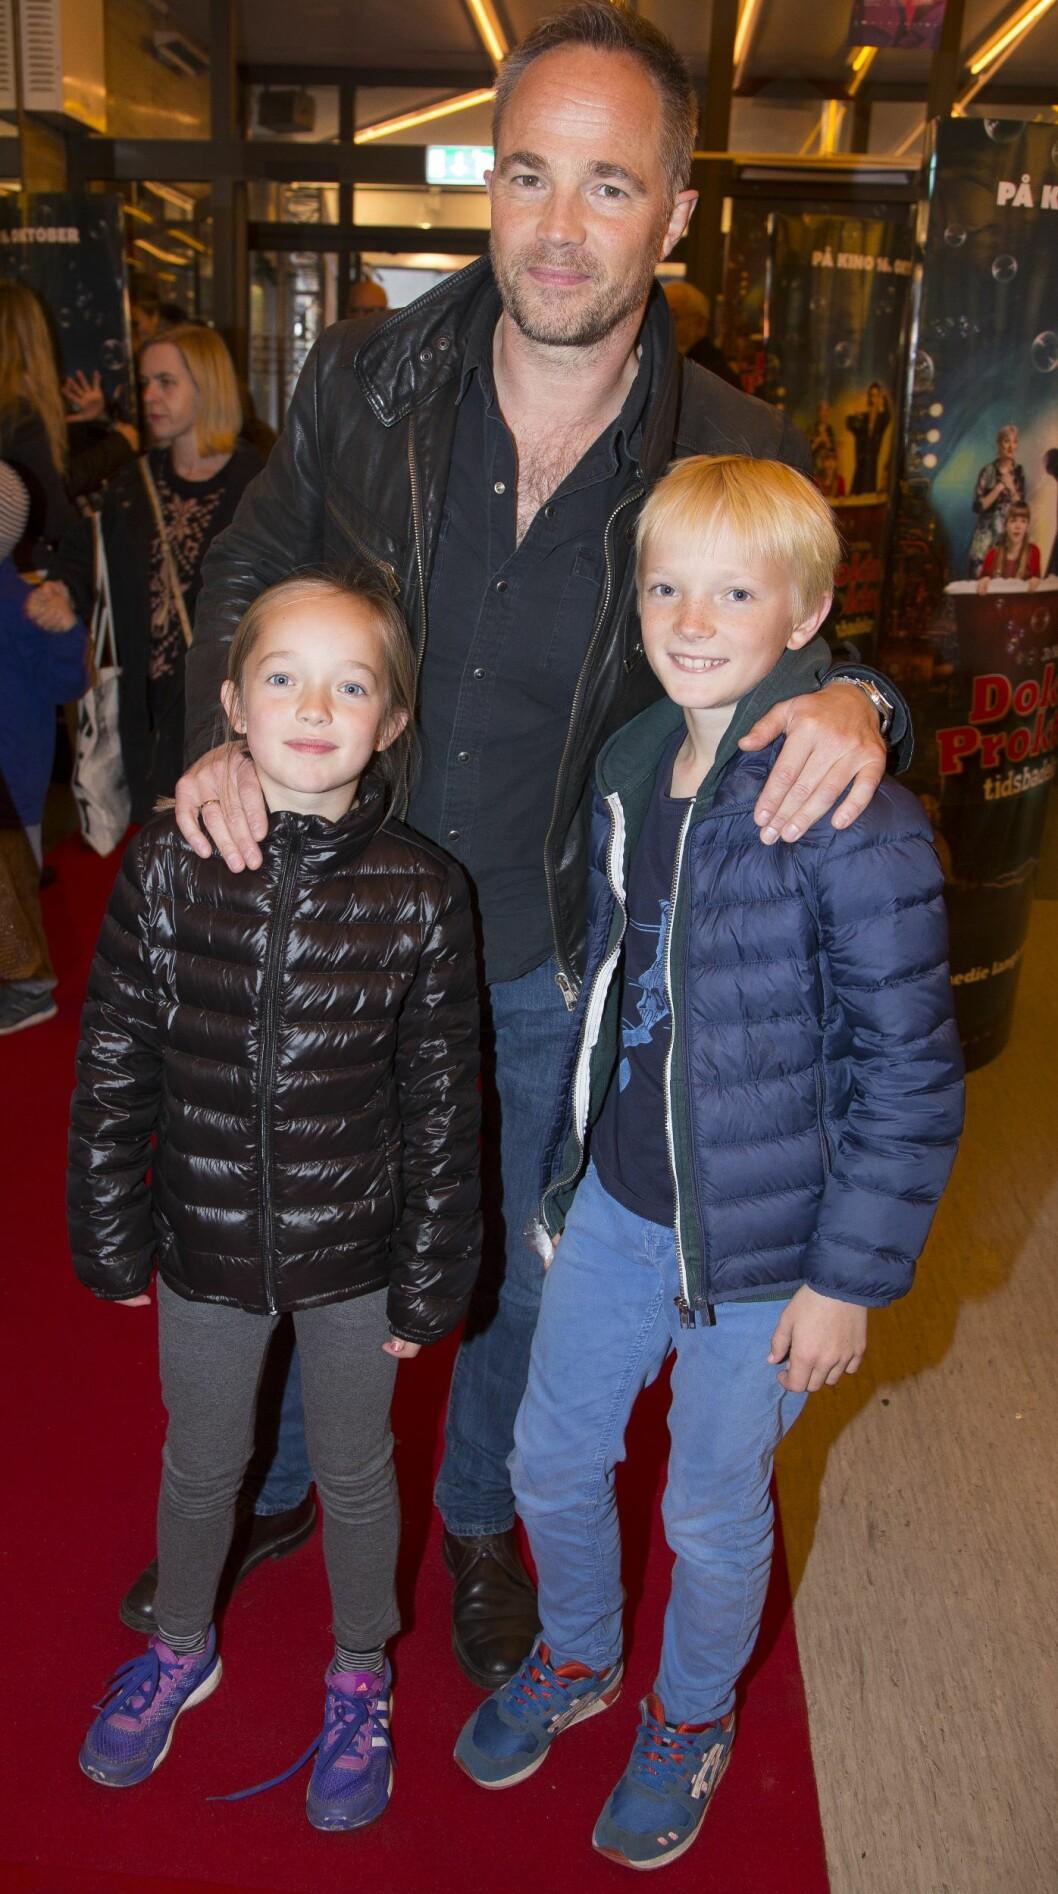 SPENTE: Jon Øigarden med barna Mirella og Filip. Foto: Tore Skaar/Se og Hør